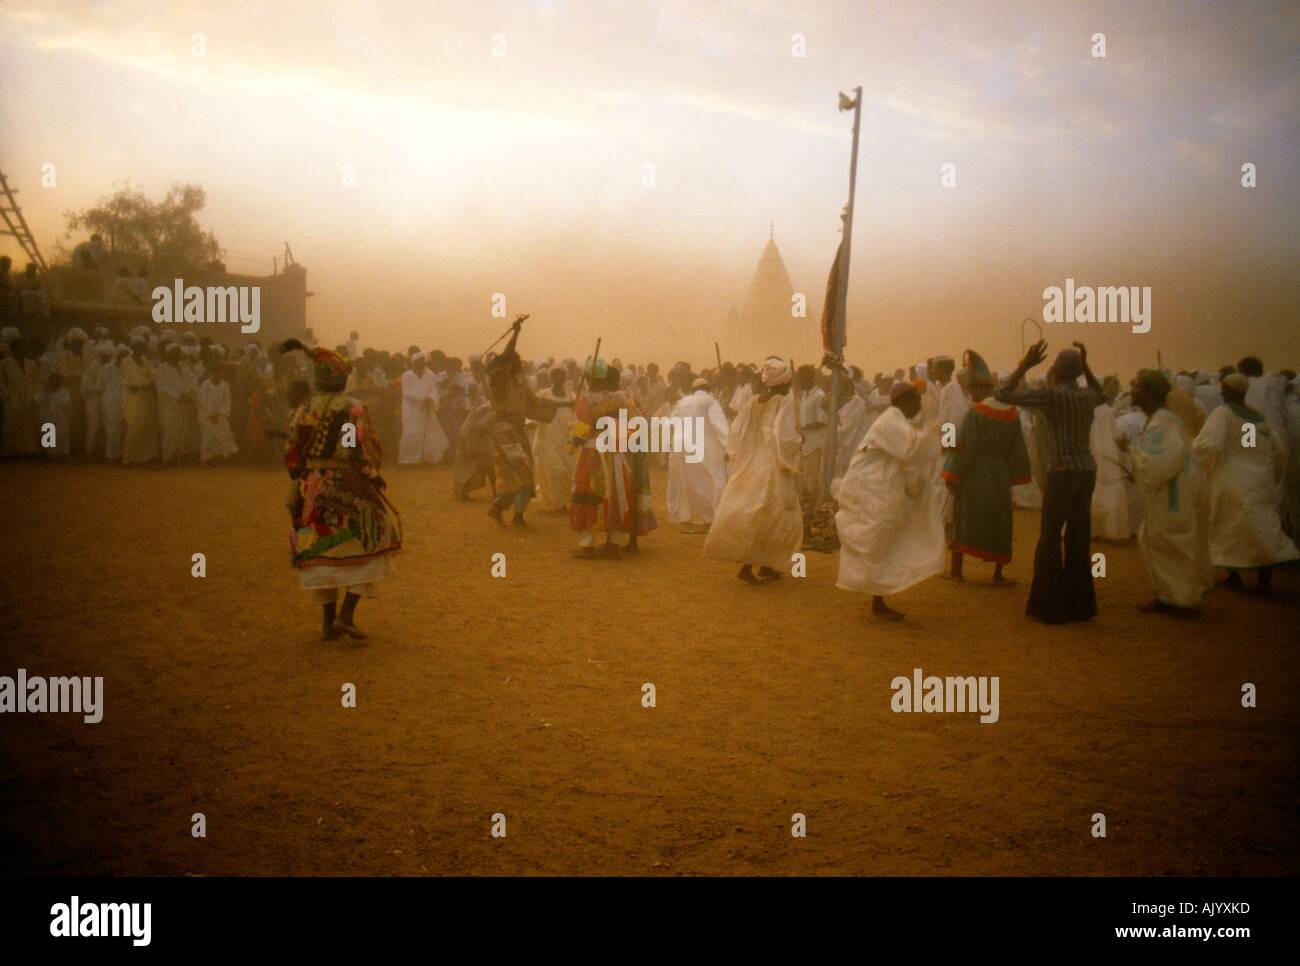 Omdurman Sudan Dervish Dancers Dancing In A Sandstorm - Stock Image